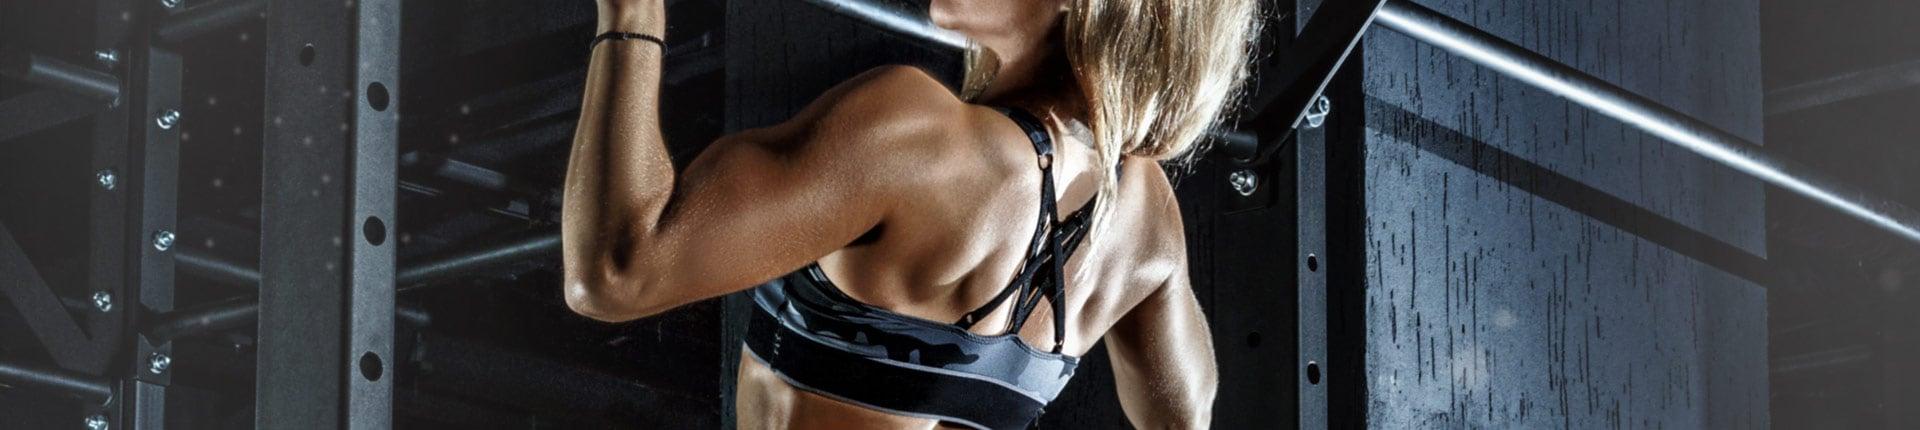 4 ćwiczenia core wspomagające podciąganie na drążku u kobiet